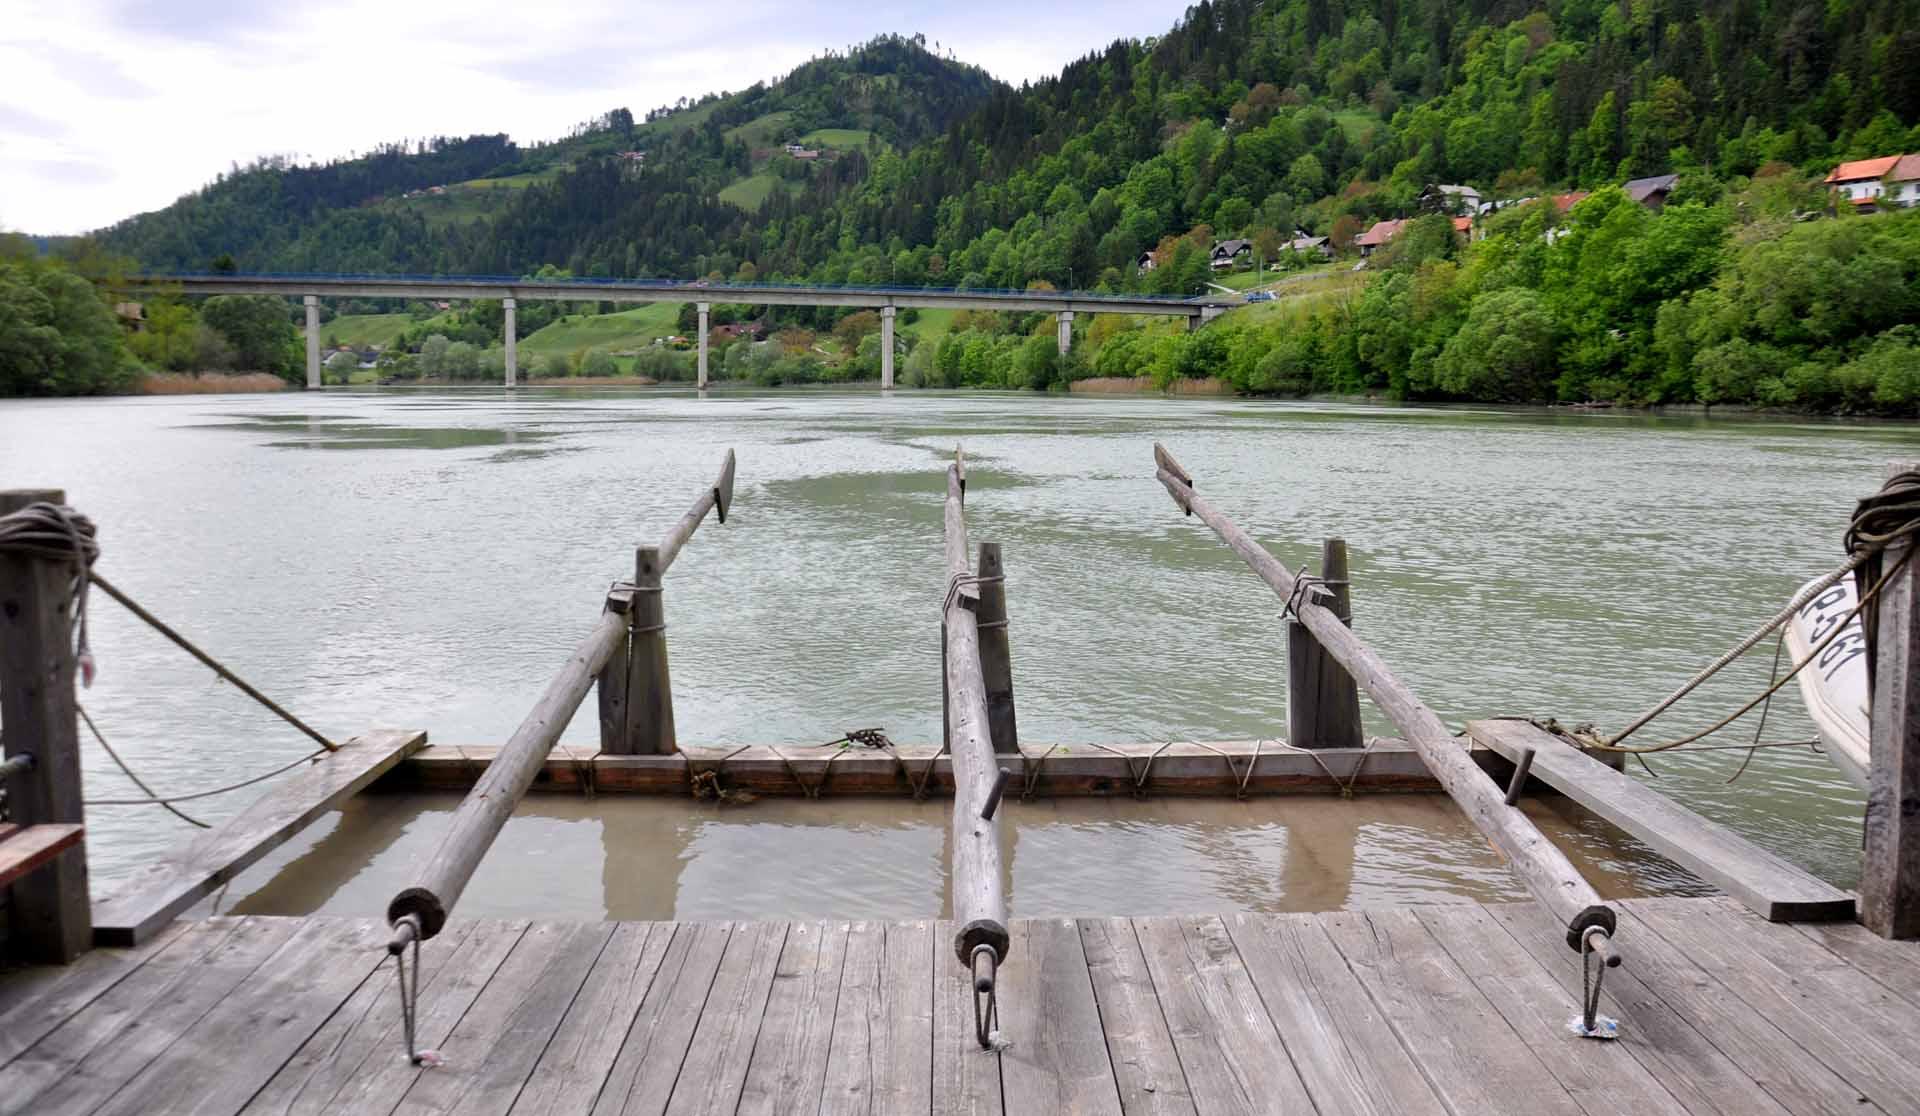 zattera sul fiume drava in slovenia